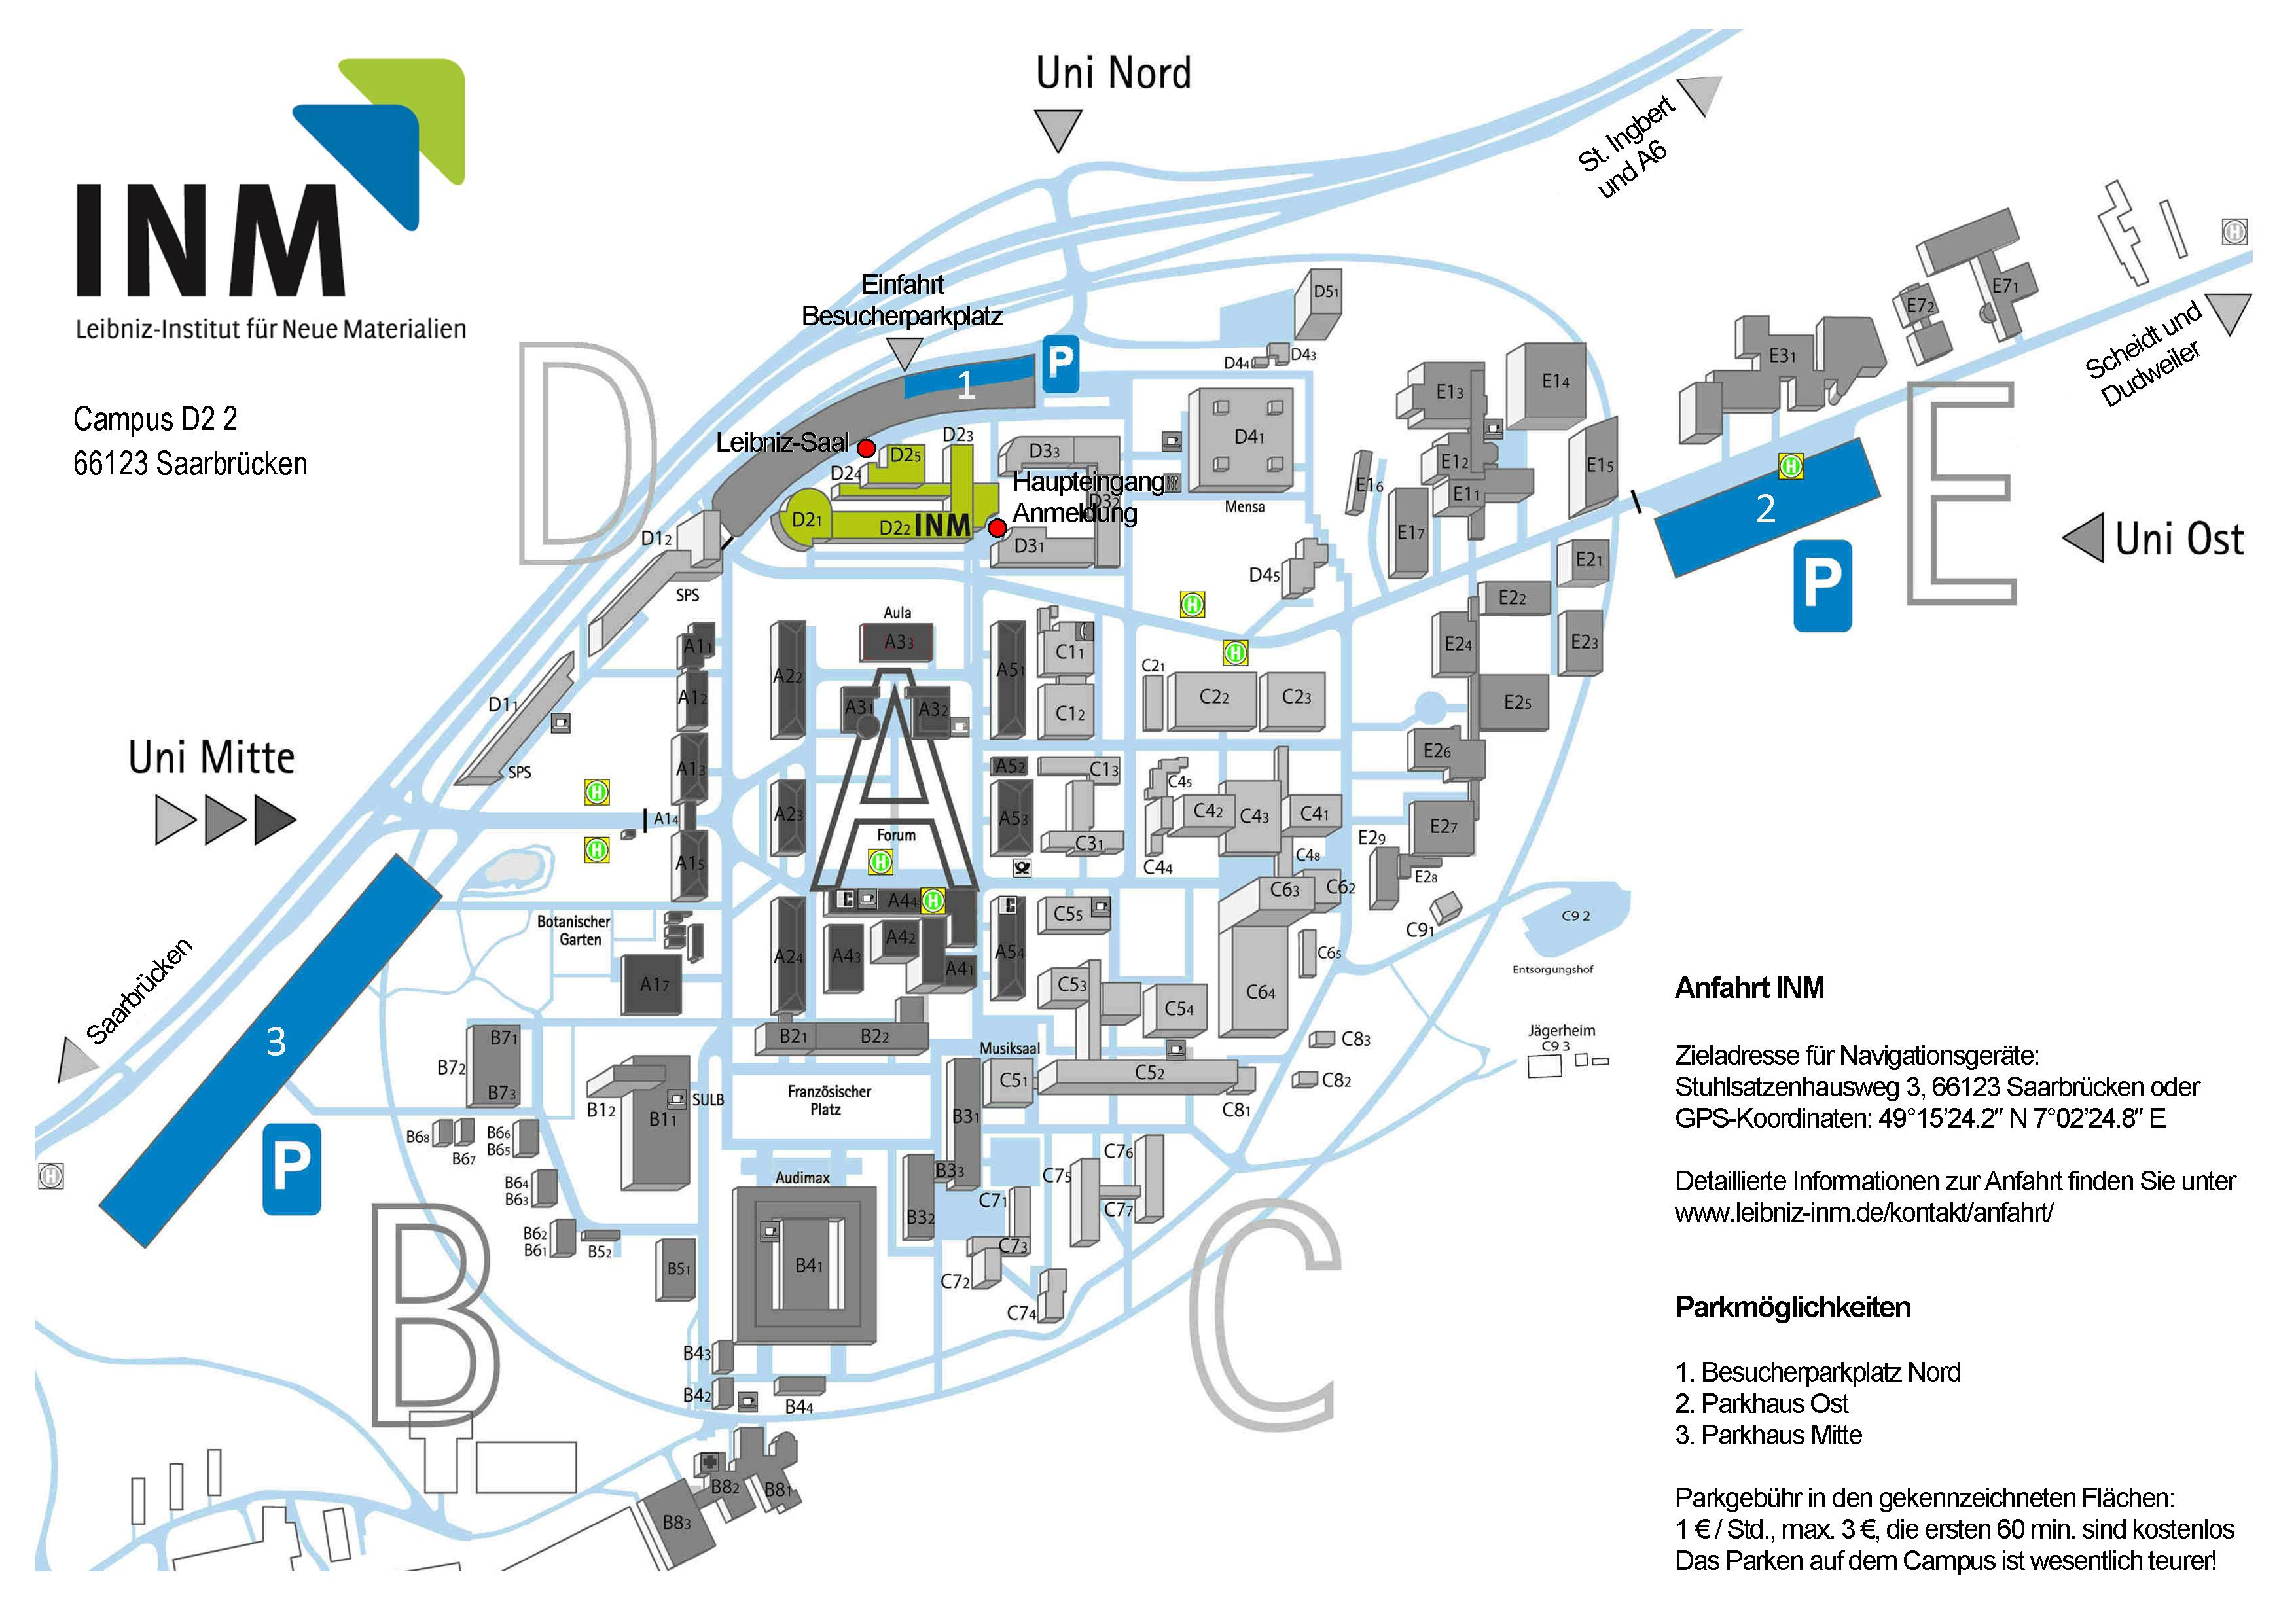 Kontakt Inm Leibniz Institut Für Neue Materialien